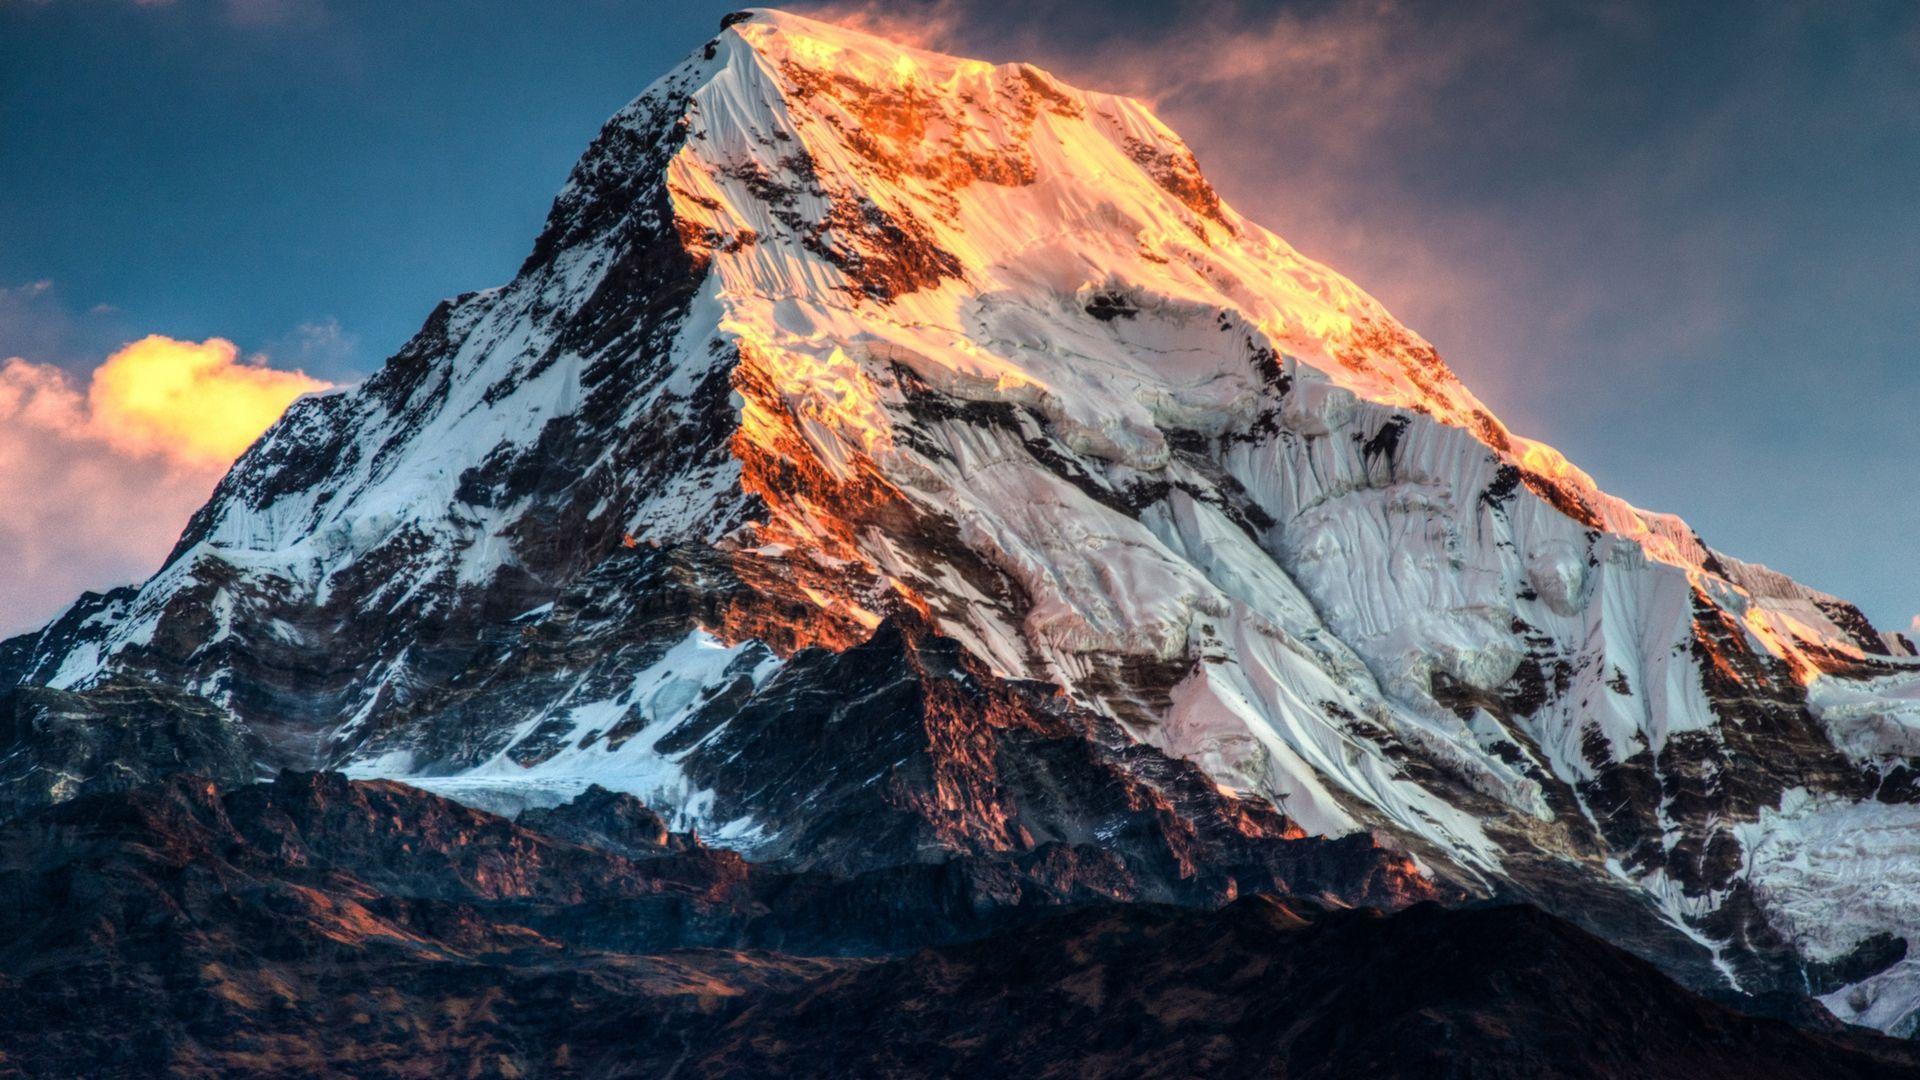 Himalayas desktop wallpapers top free himalayas desktop - Himalaya pictures wallpaper ...